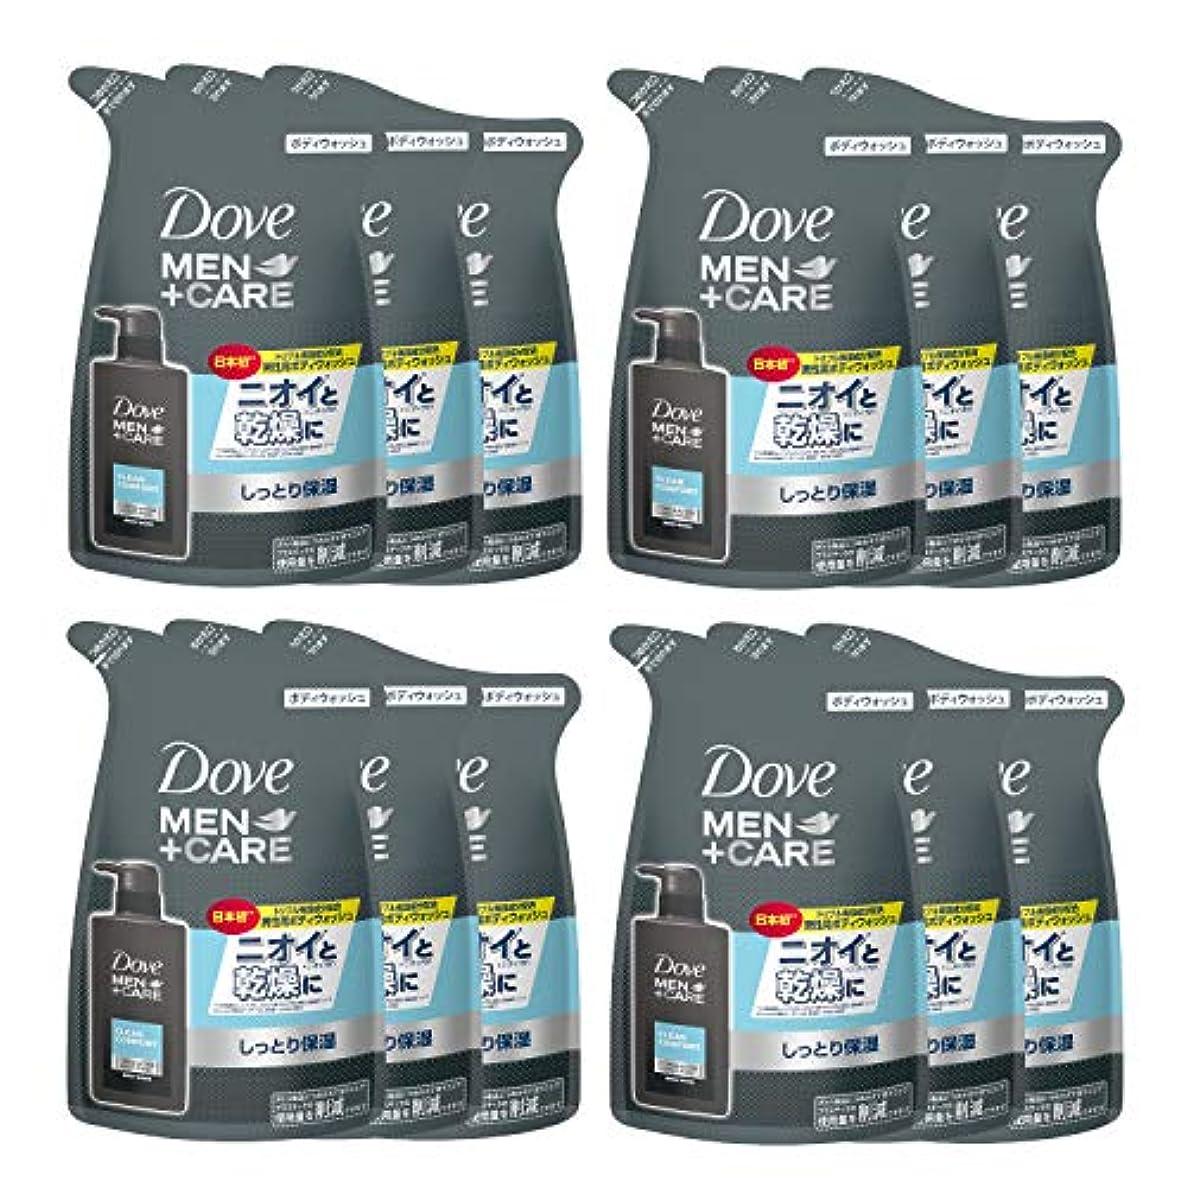 学ぶデジタルわずらわしいDove(ダヴ) 【ケース販売】 ダヴメン+ケア ボディウォッシュ クリーンコンフォート つめかえ用 ボディソープ シトラスフローラル 320g×12個